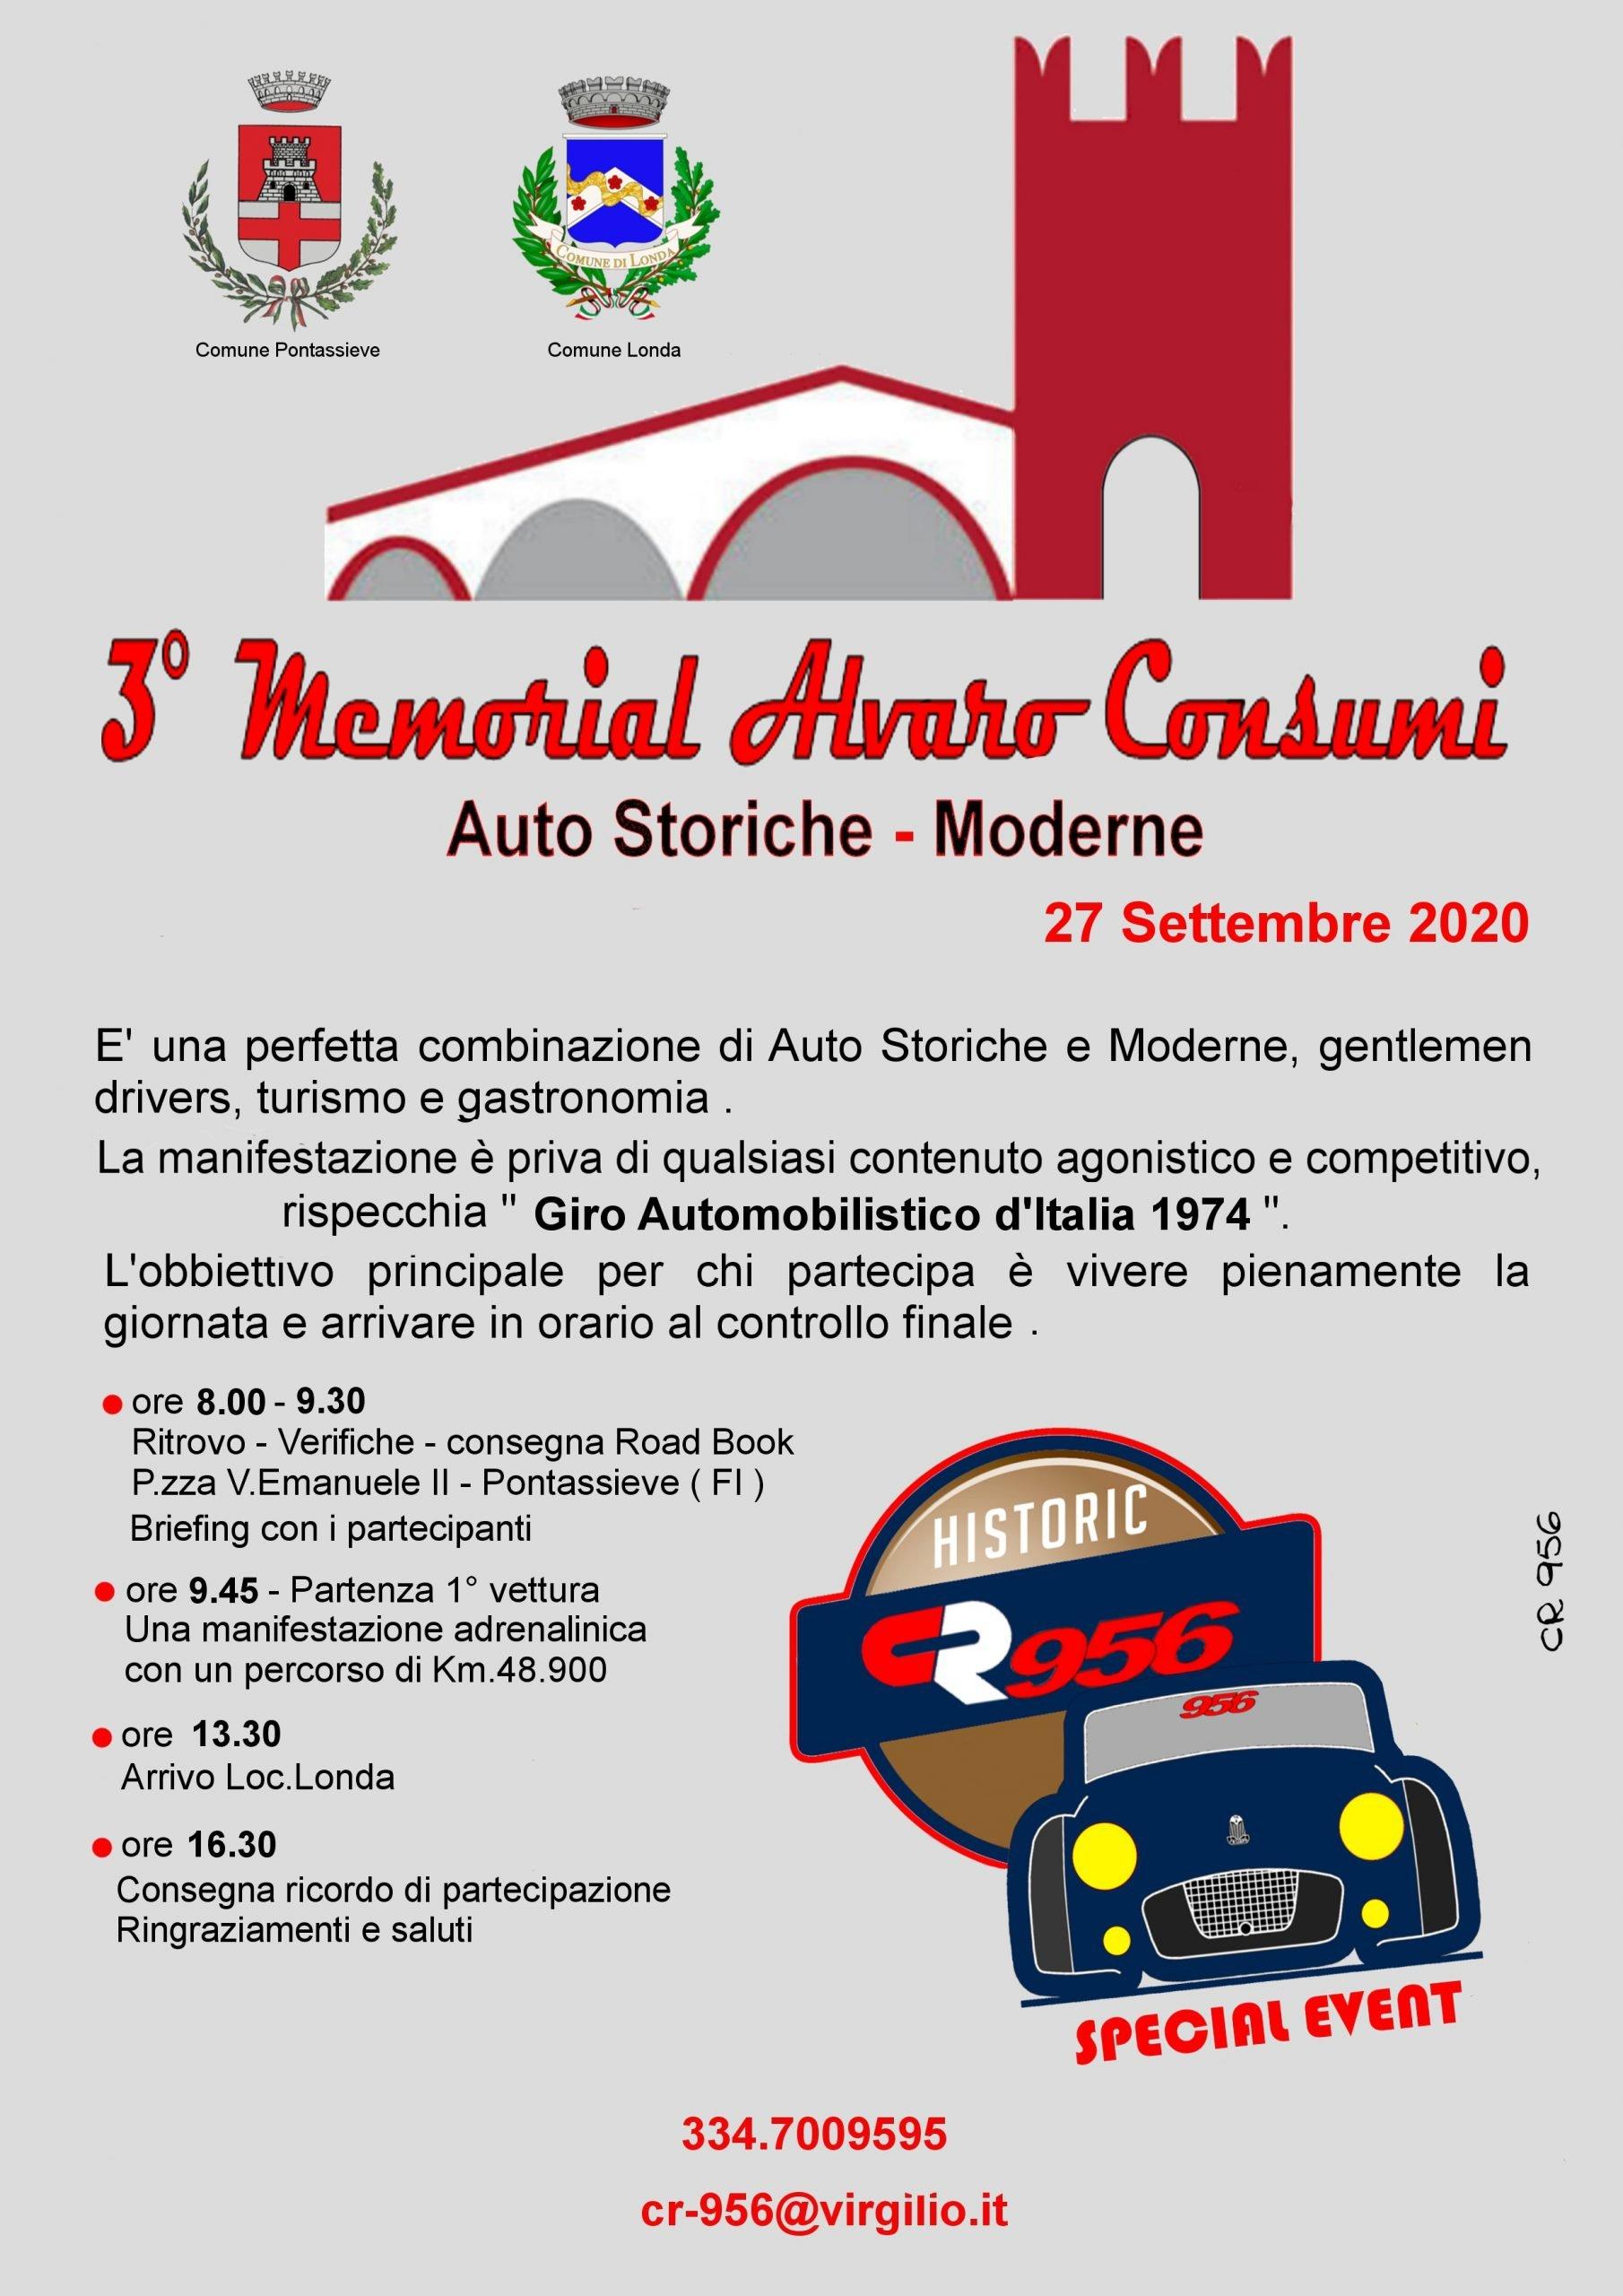 Memorial Alvaro Consumi